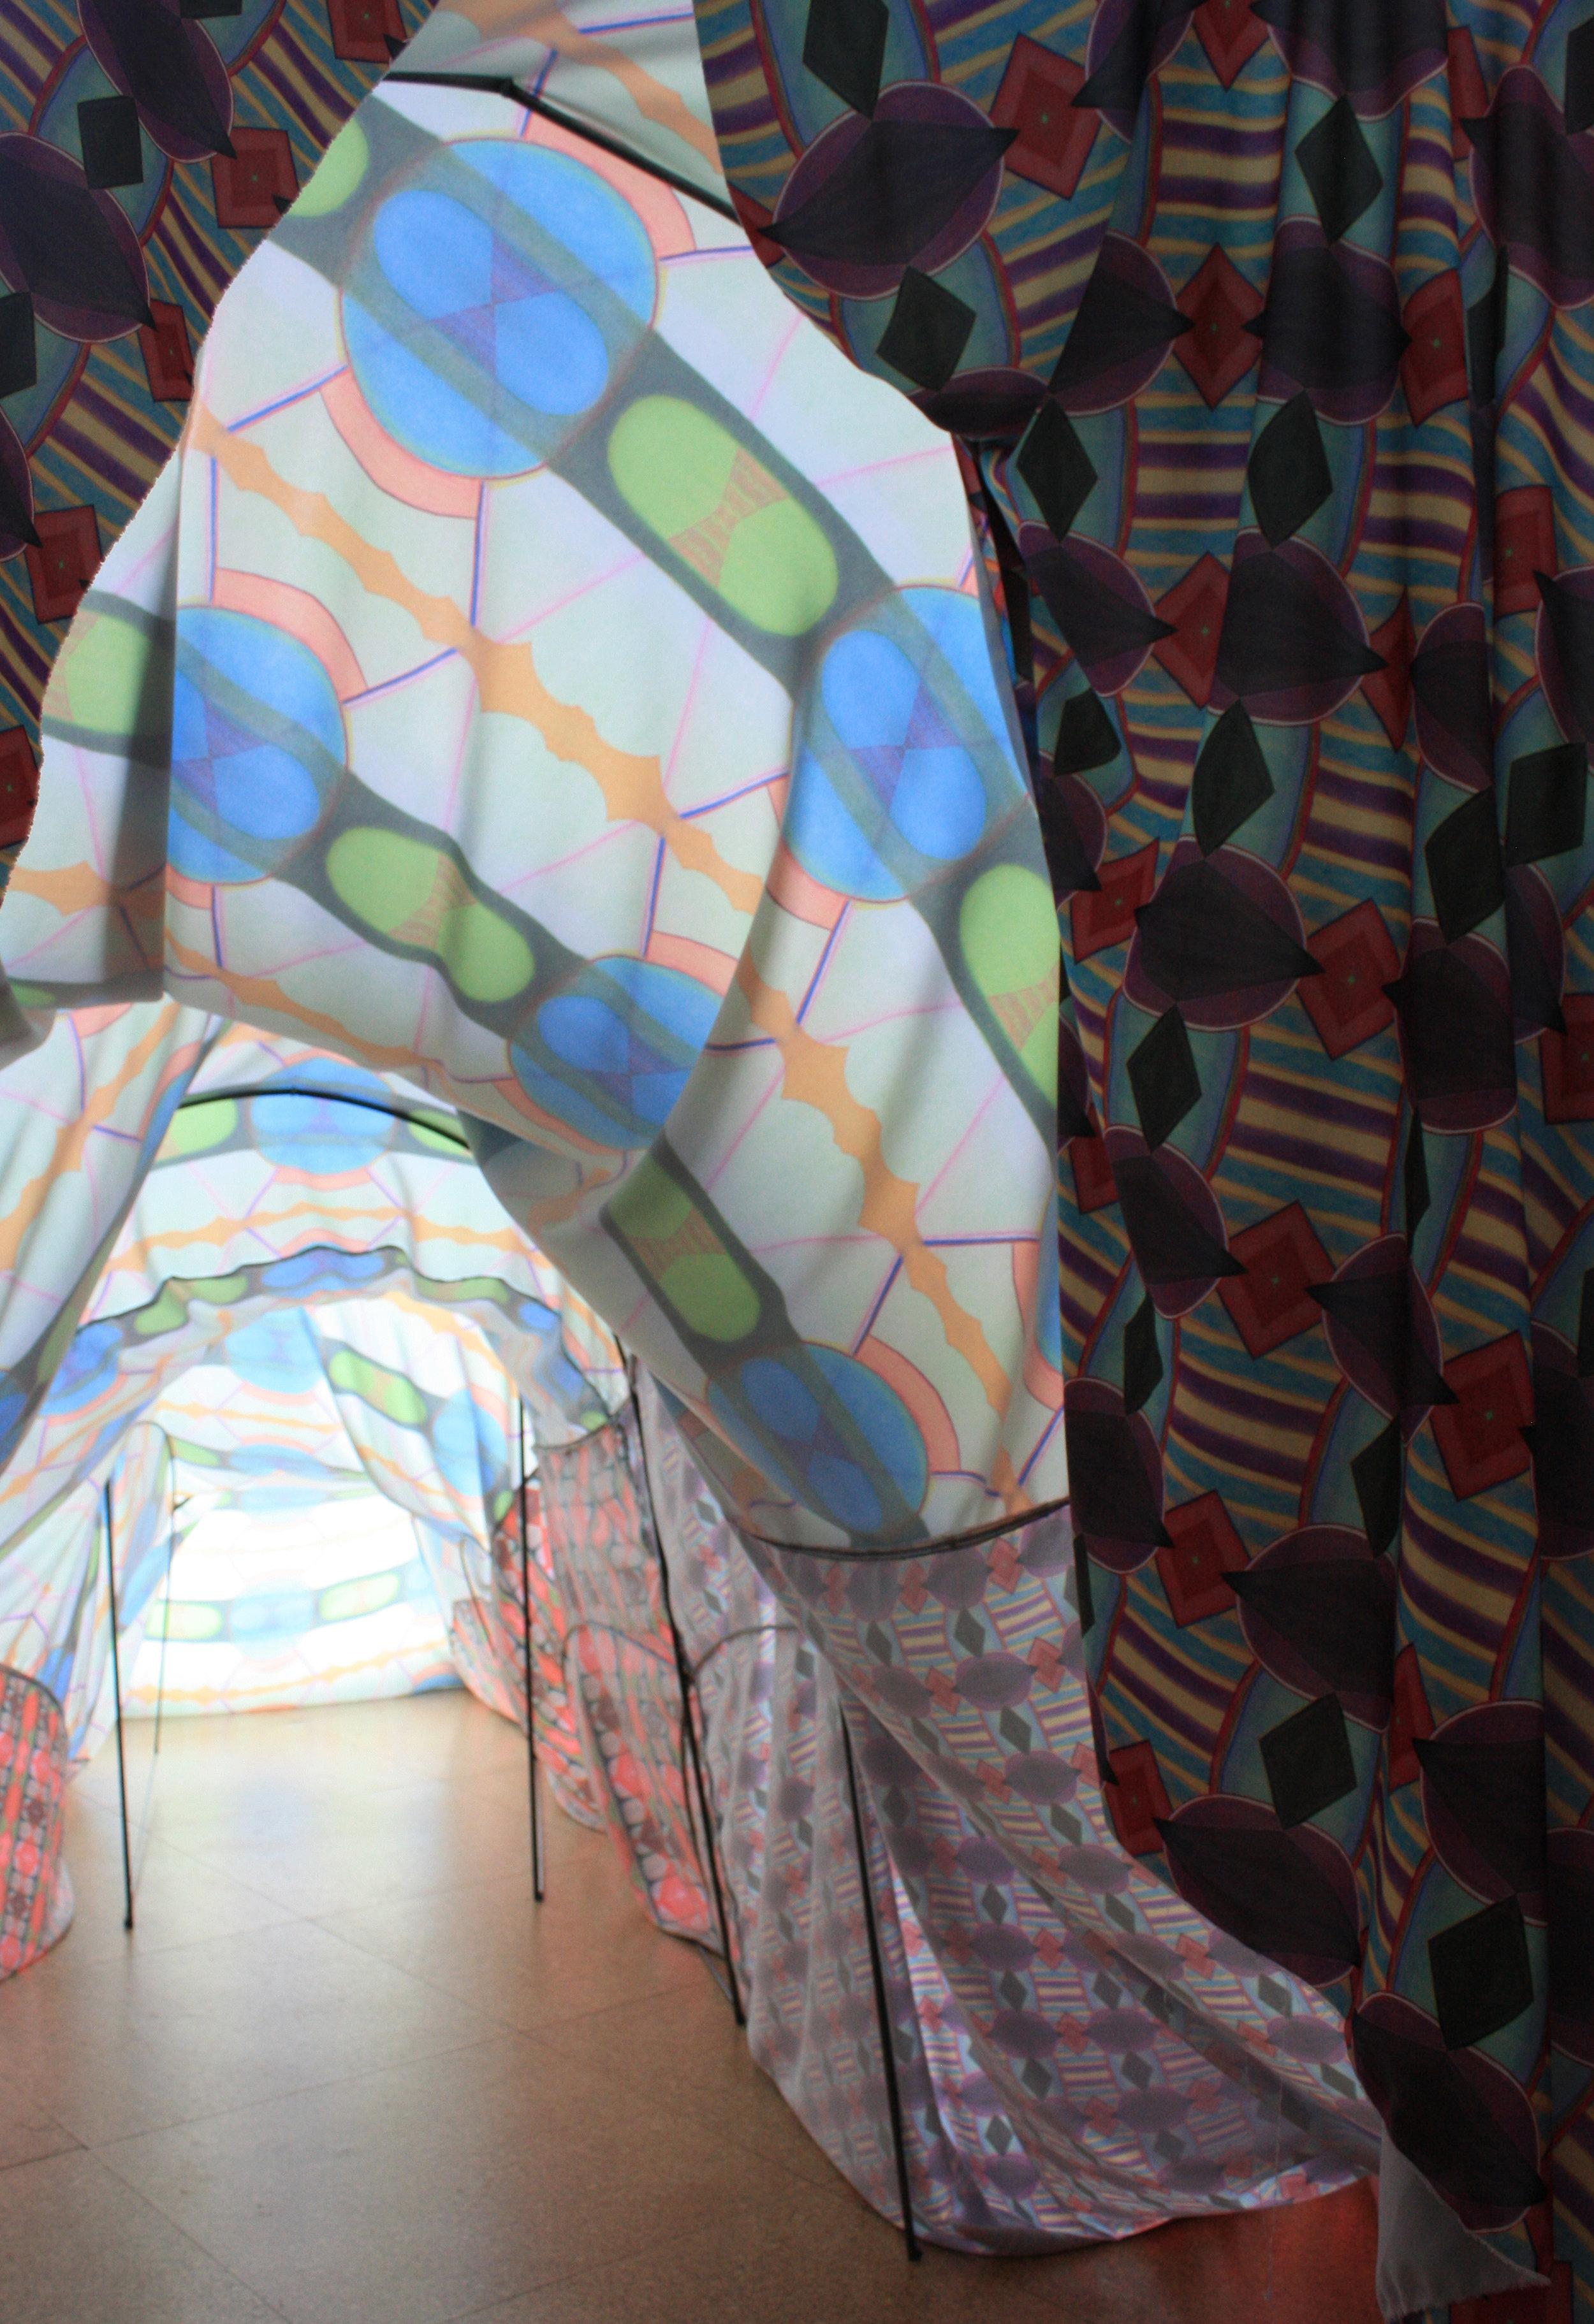 interiortunnel.jpg